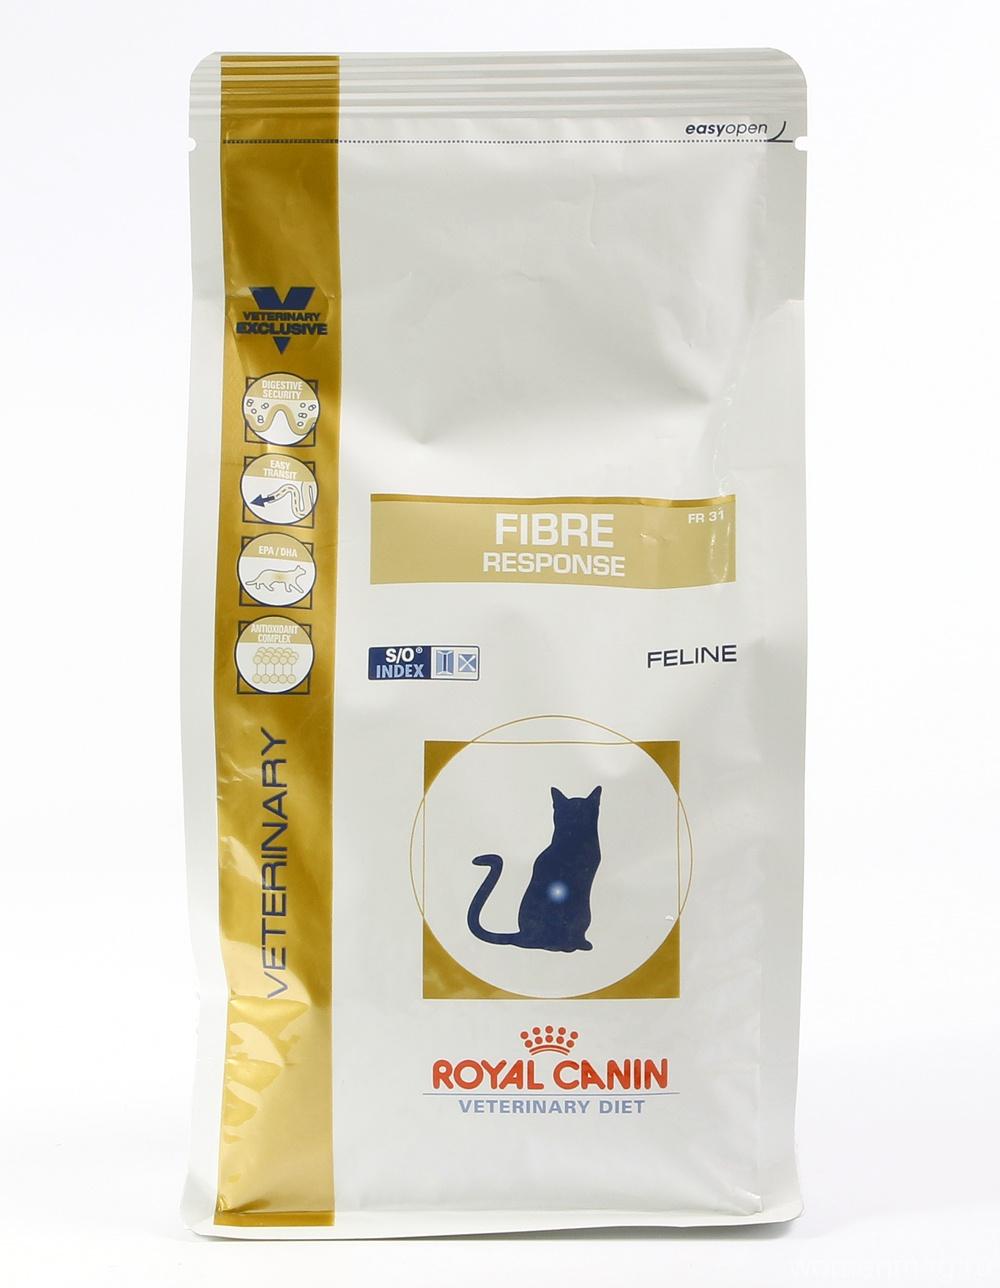 Диета Royal Canin Fibre Response FR31 для кошек при нарушении — помогает ли?